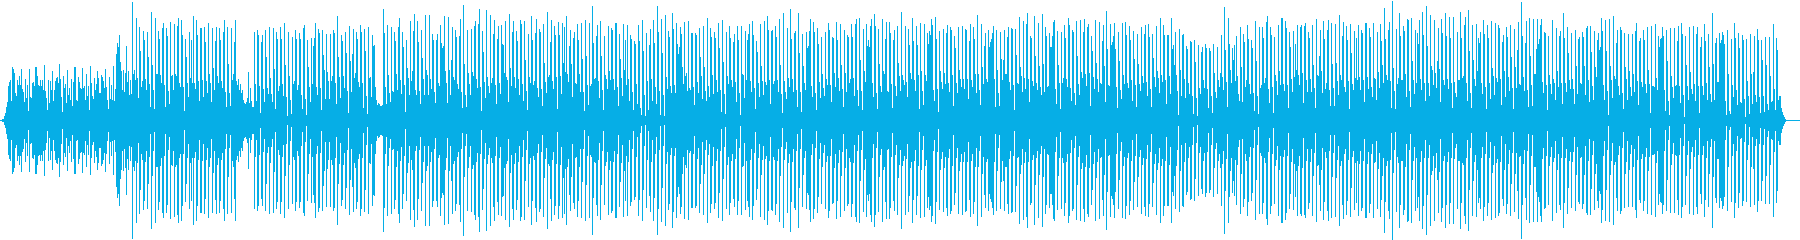 ファンクバックグラウンドポップミュ...の再生済みの波形